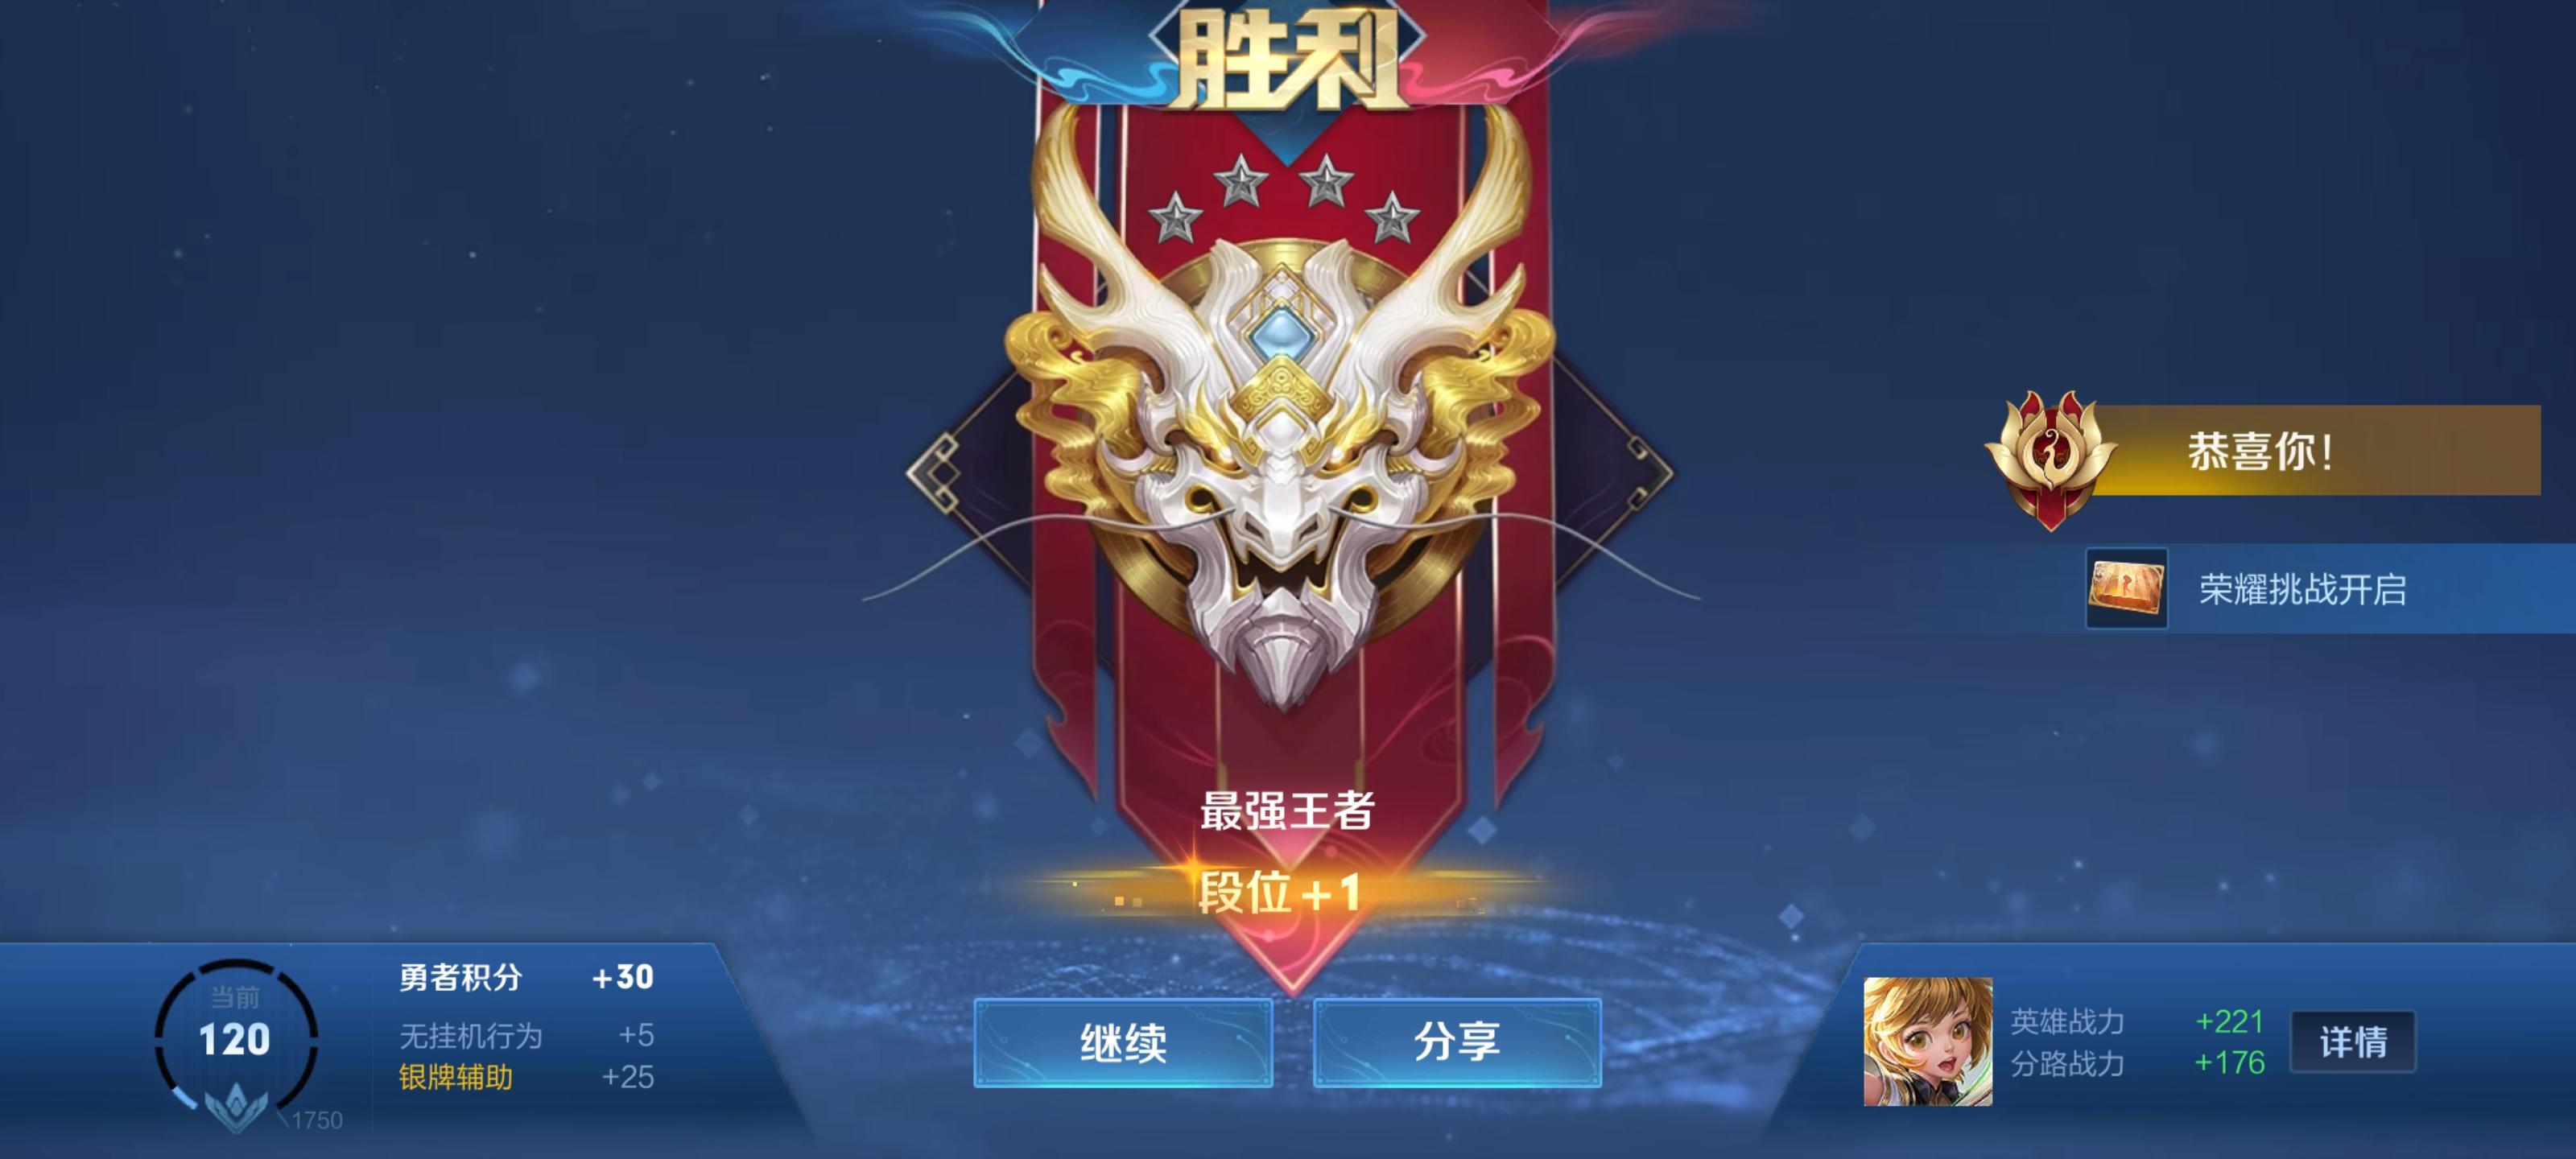 Screenshot_2021-03-11-14-55-10-100_com.tencent.tmgp.sgame